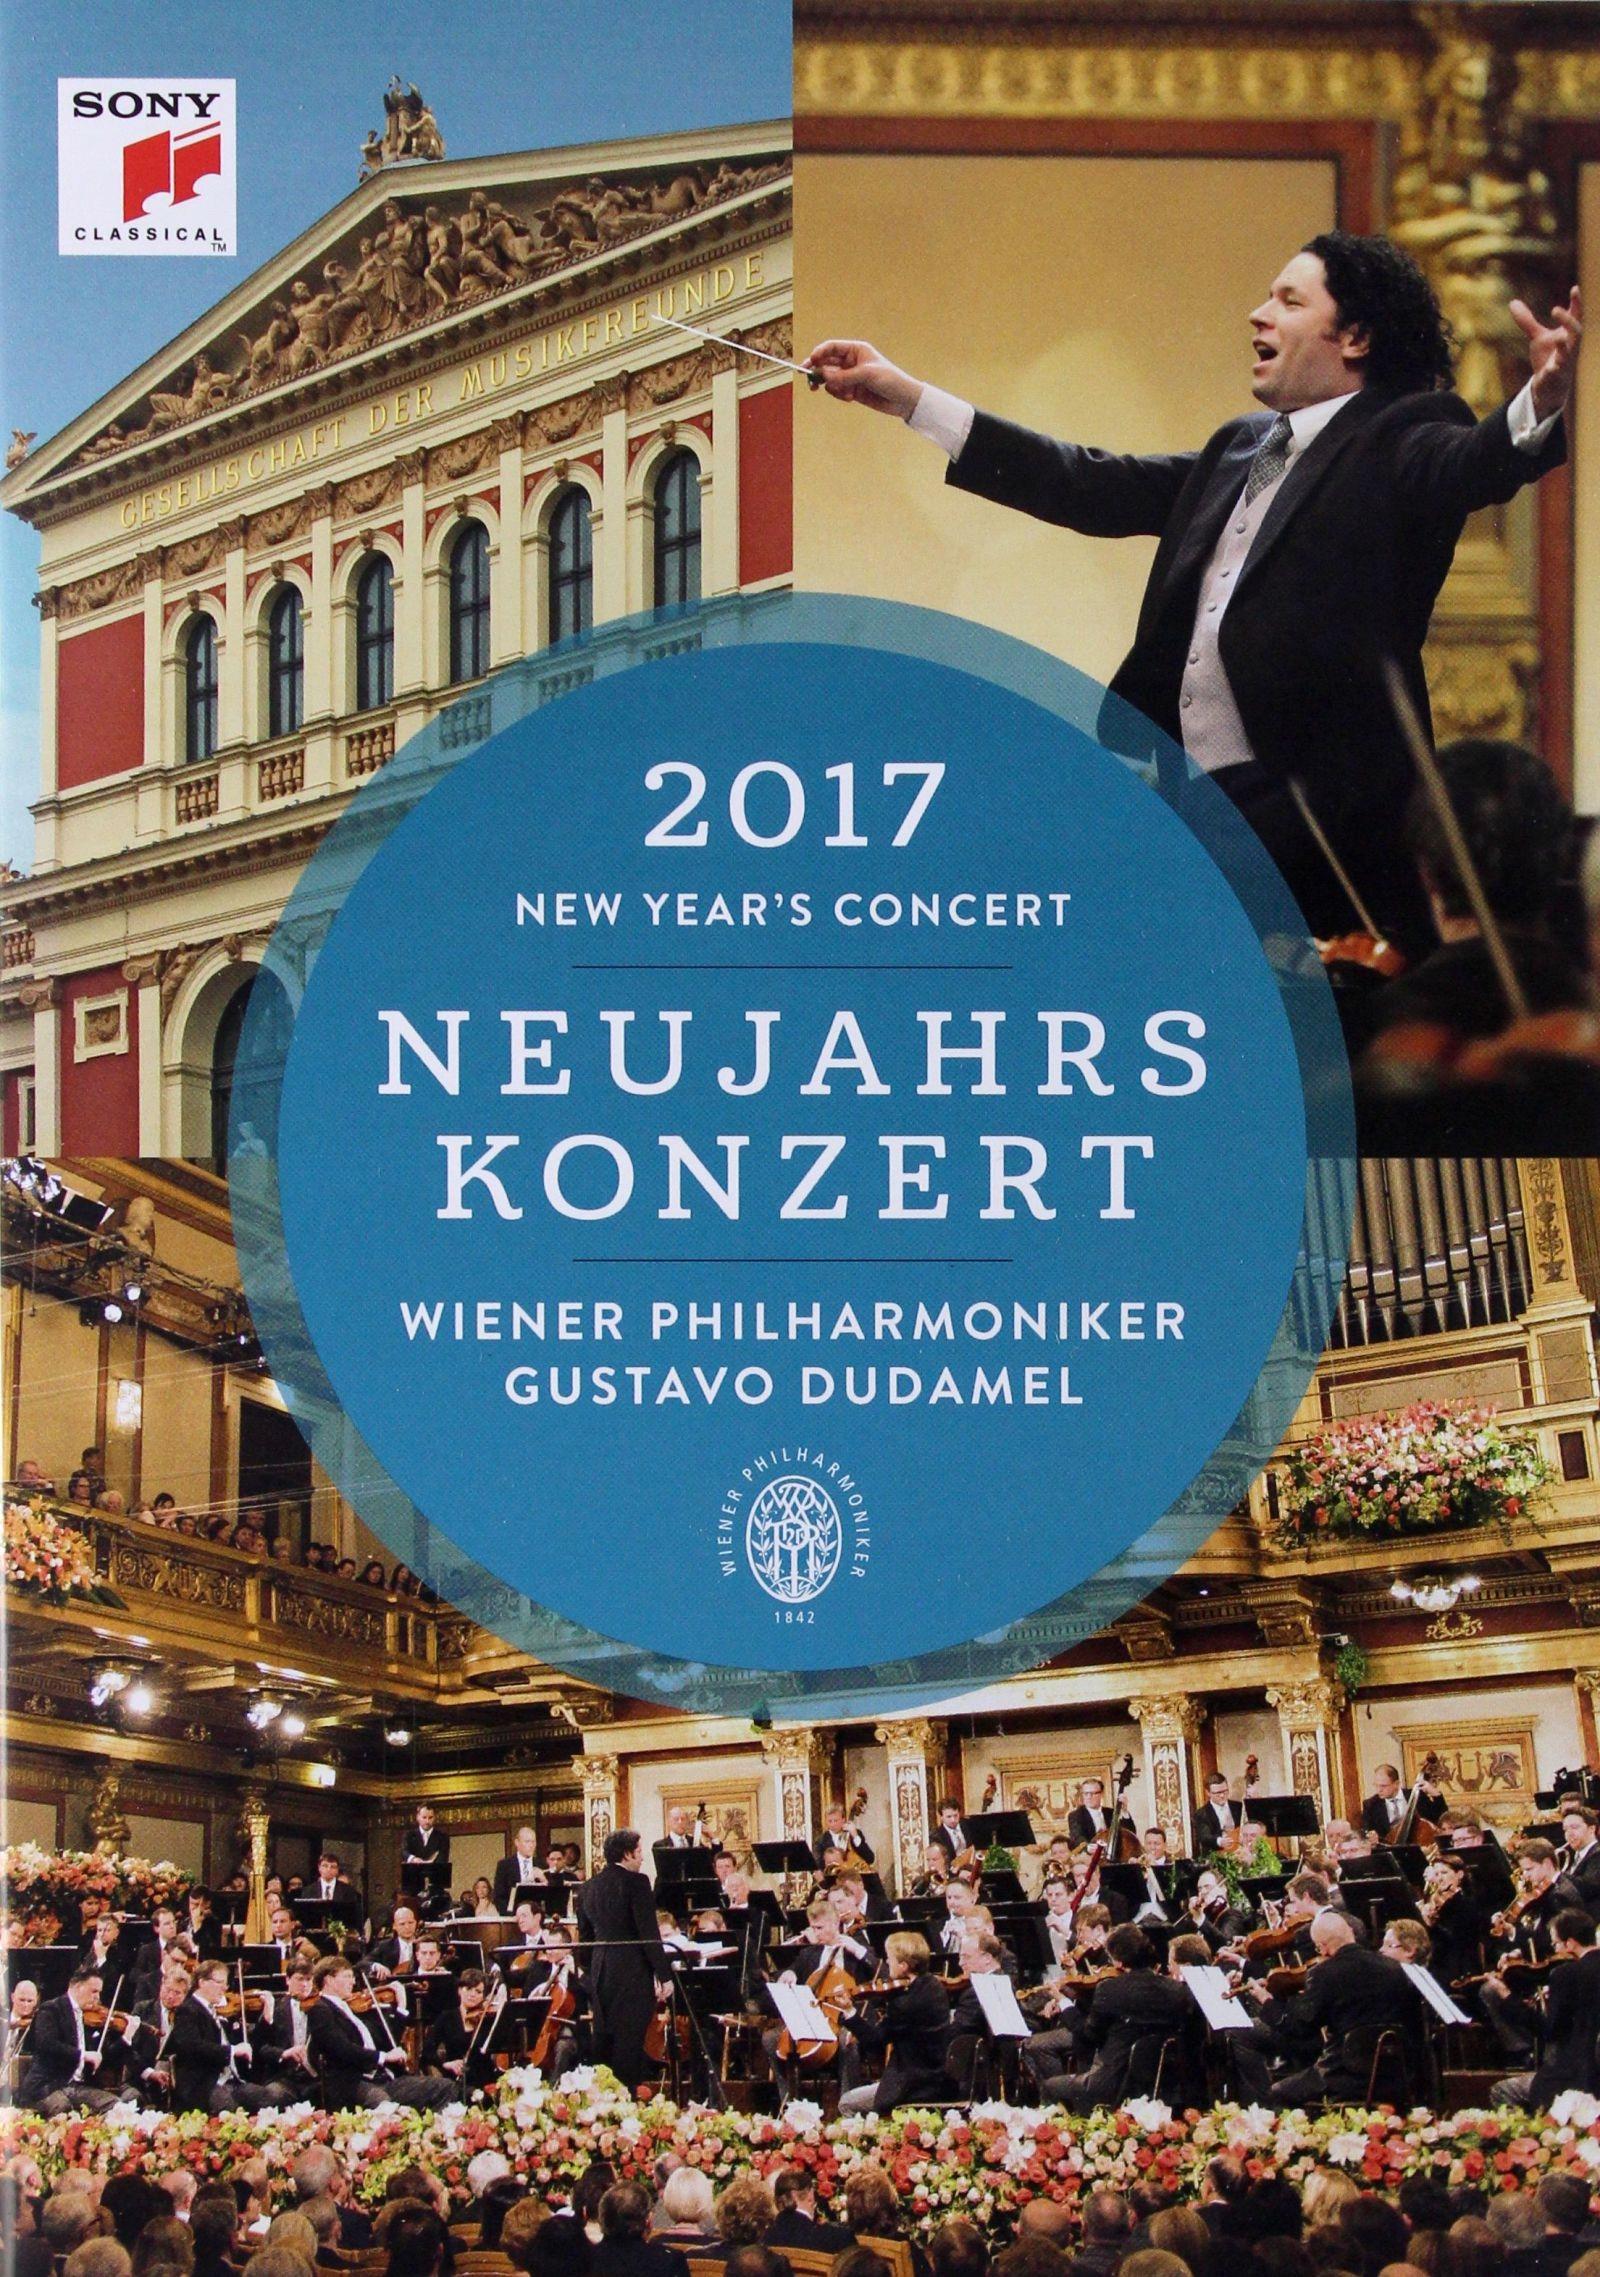 GUSTAVO DUDAMEL+WIENER PHIL: NEUJAHRSKONZERT 2017